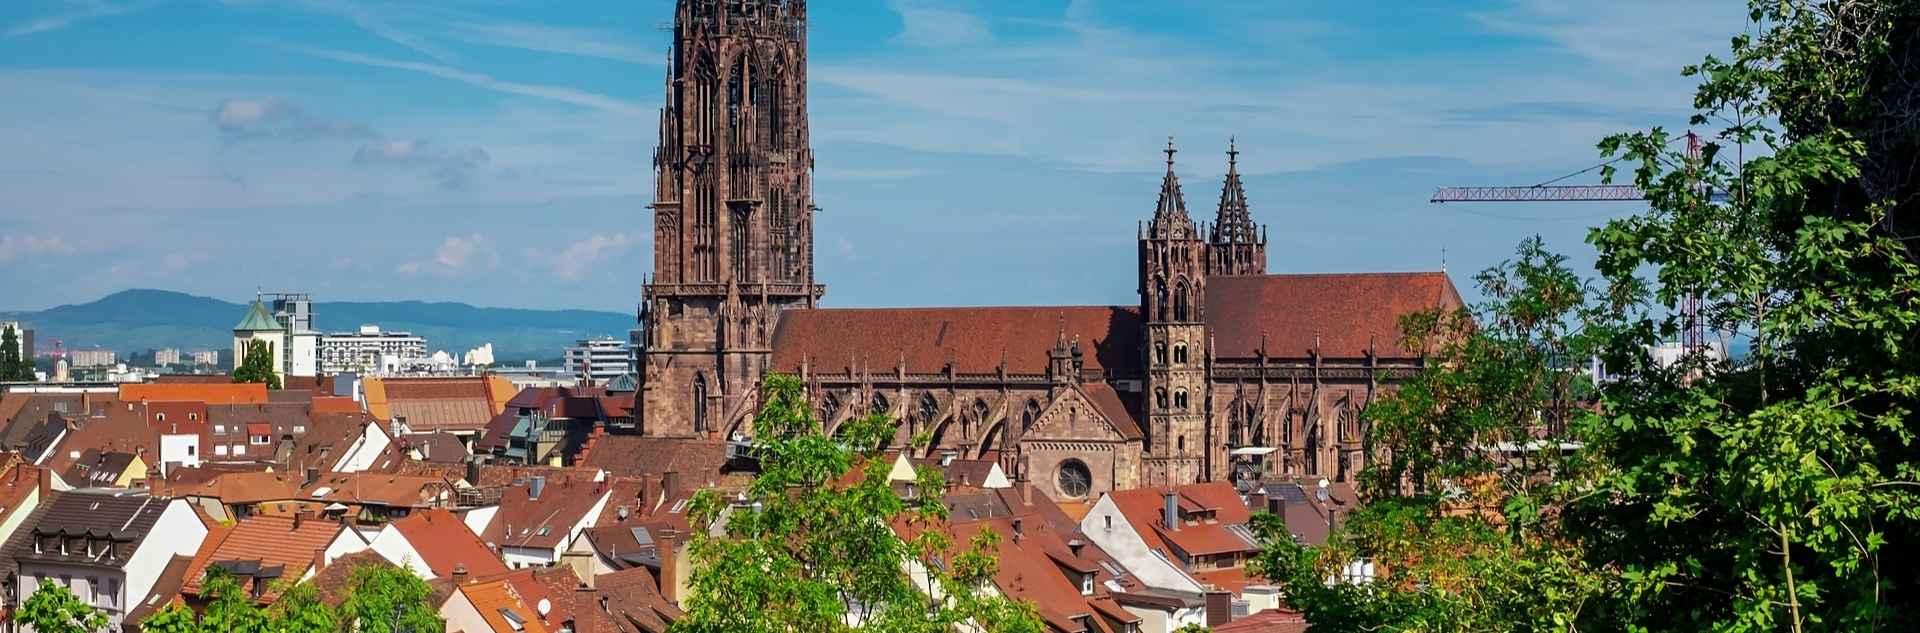 Freiburg Blick über die Stadt